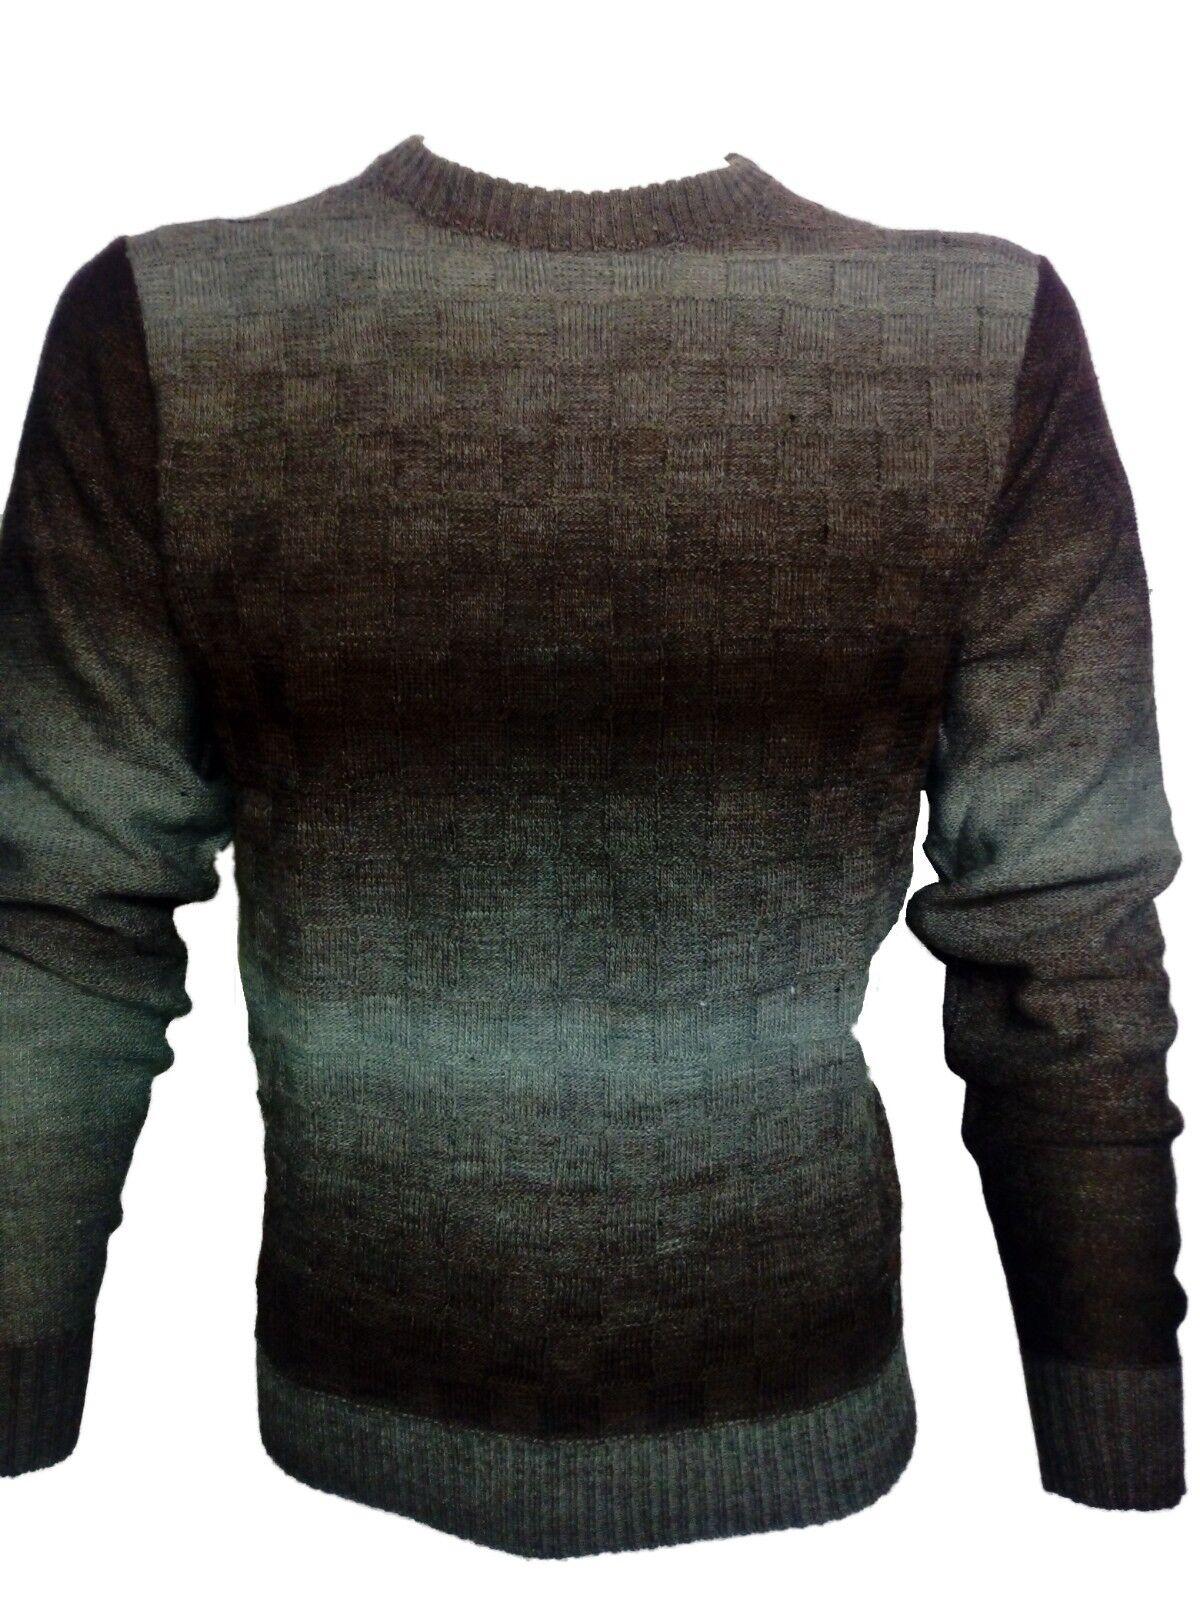 amp; L Abbracci Girocollo Uomo Invernale Maglione Tg Baci Ab2030 Prugna Maglia 6ztPwxqq